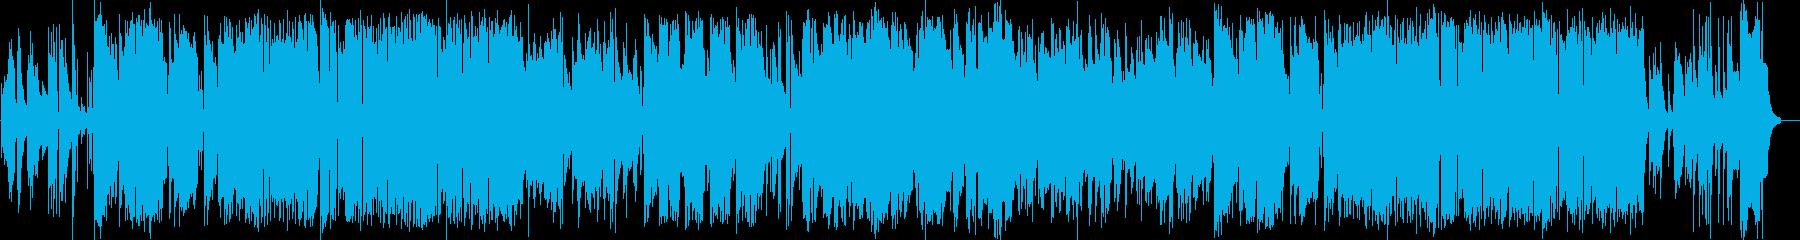 サックスメインのジャズフュージョンの再生済みの波形